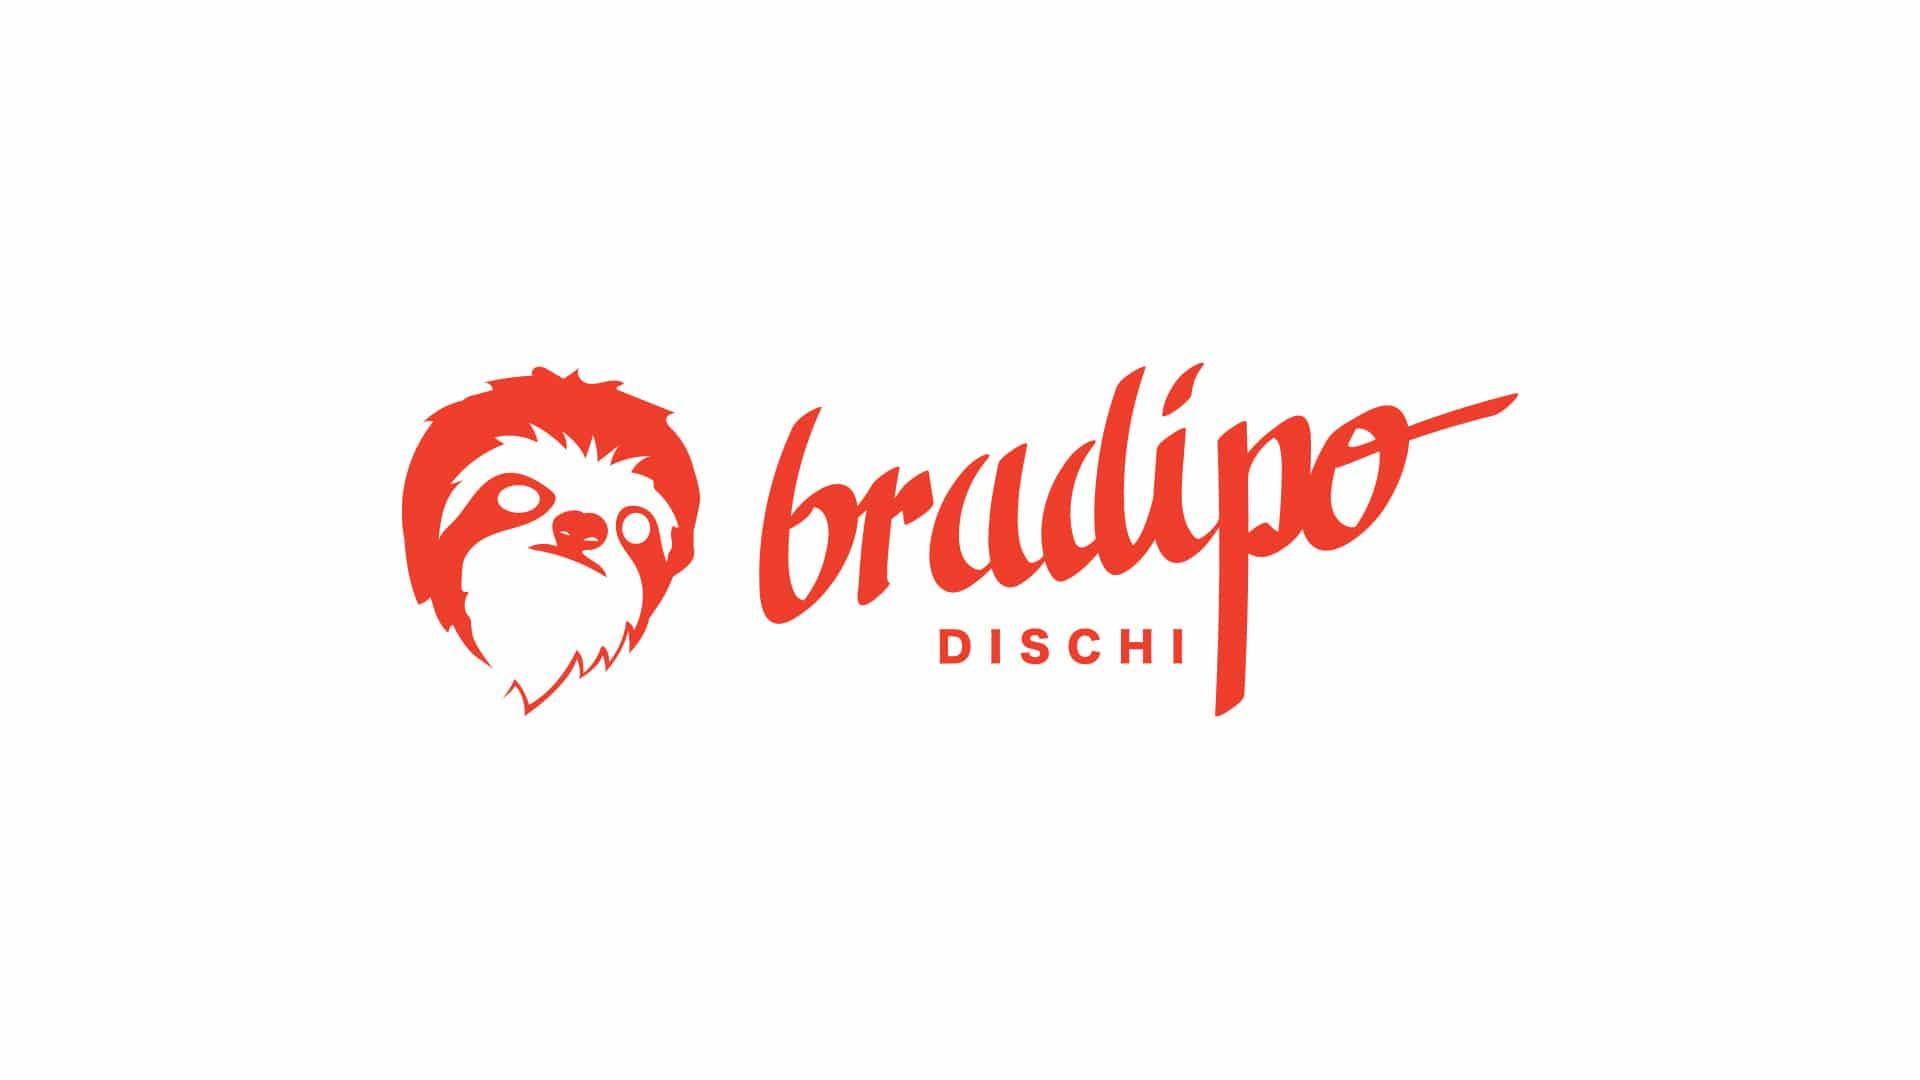 10 grafico milano logotype bradipo dischi